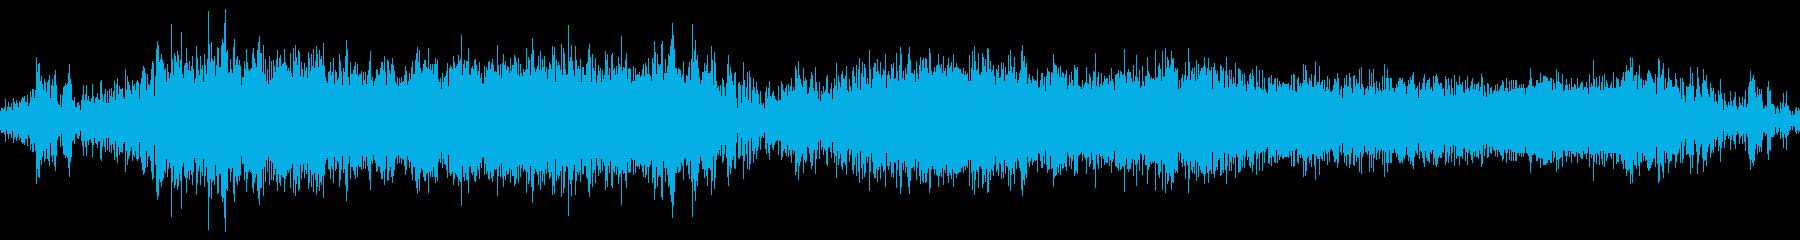 モーションコントロールからのサンプ...の再生済みの波形